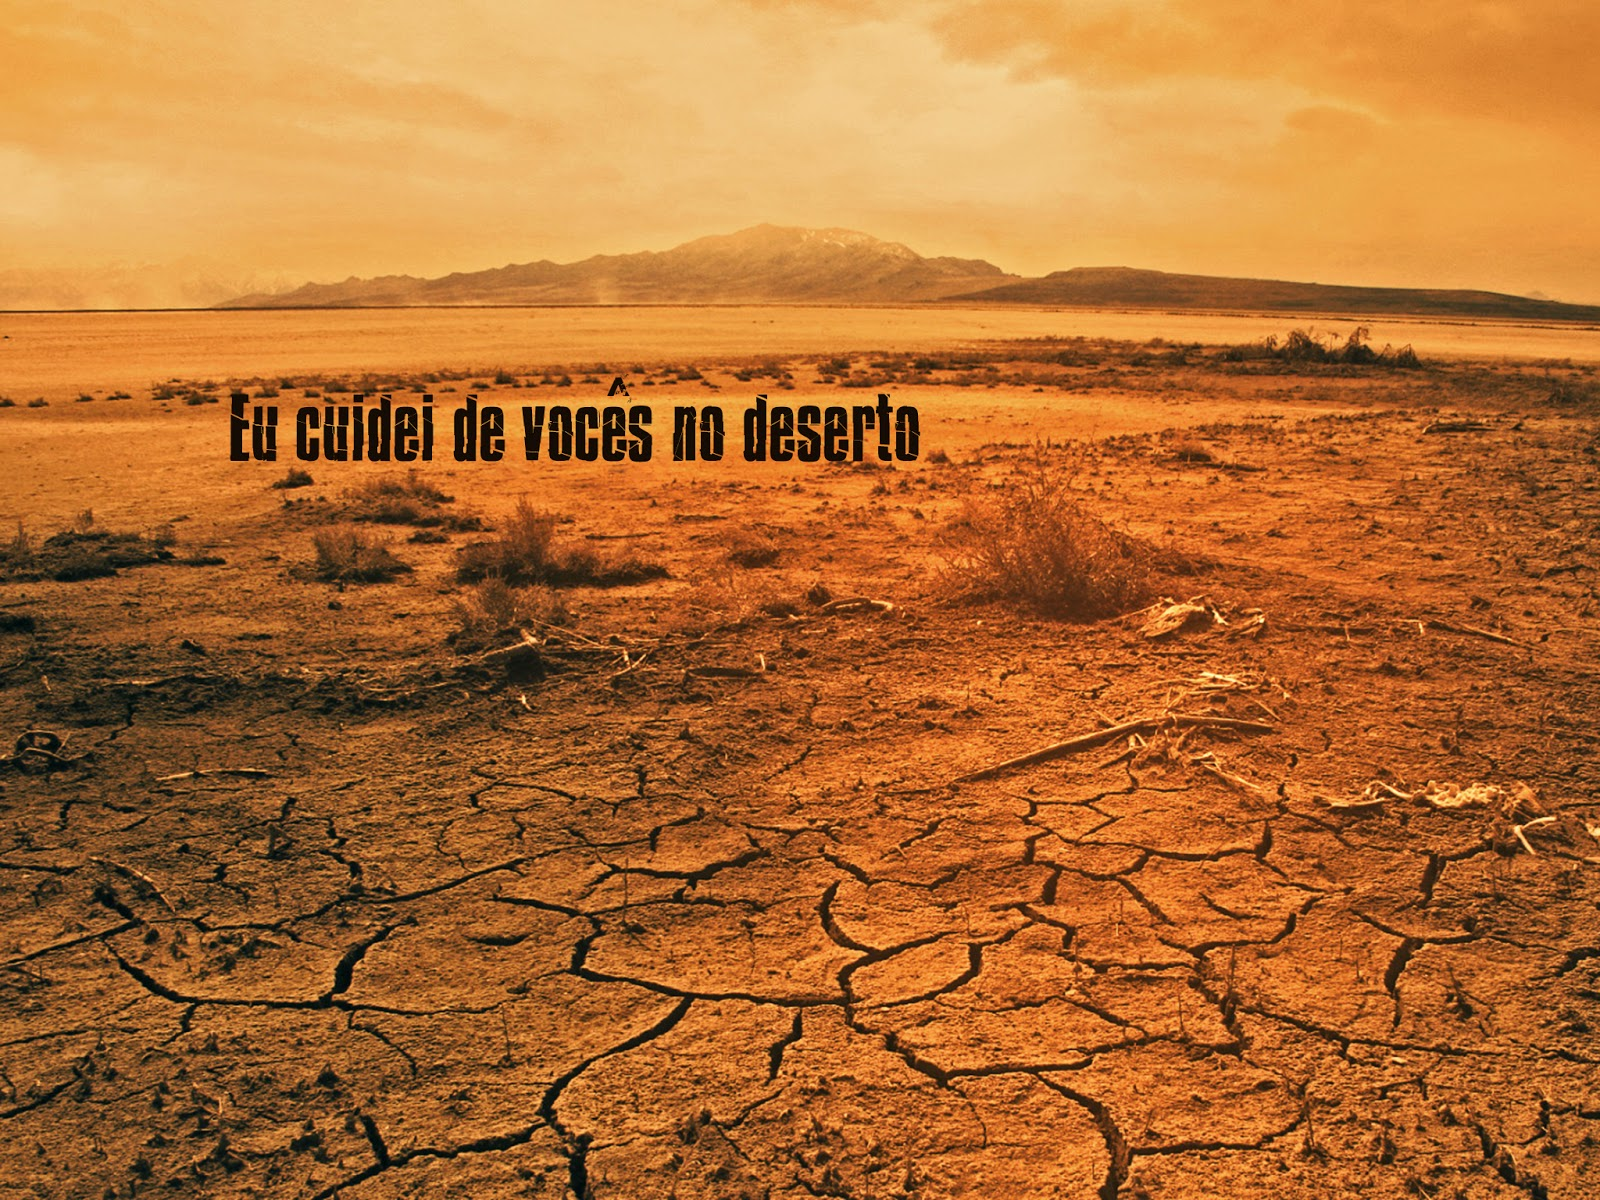 Desertos podem surgir na vida de um cristão?